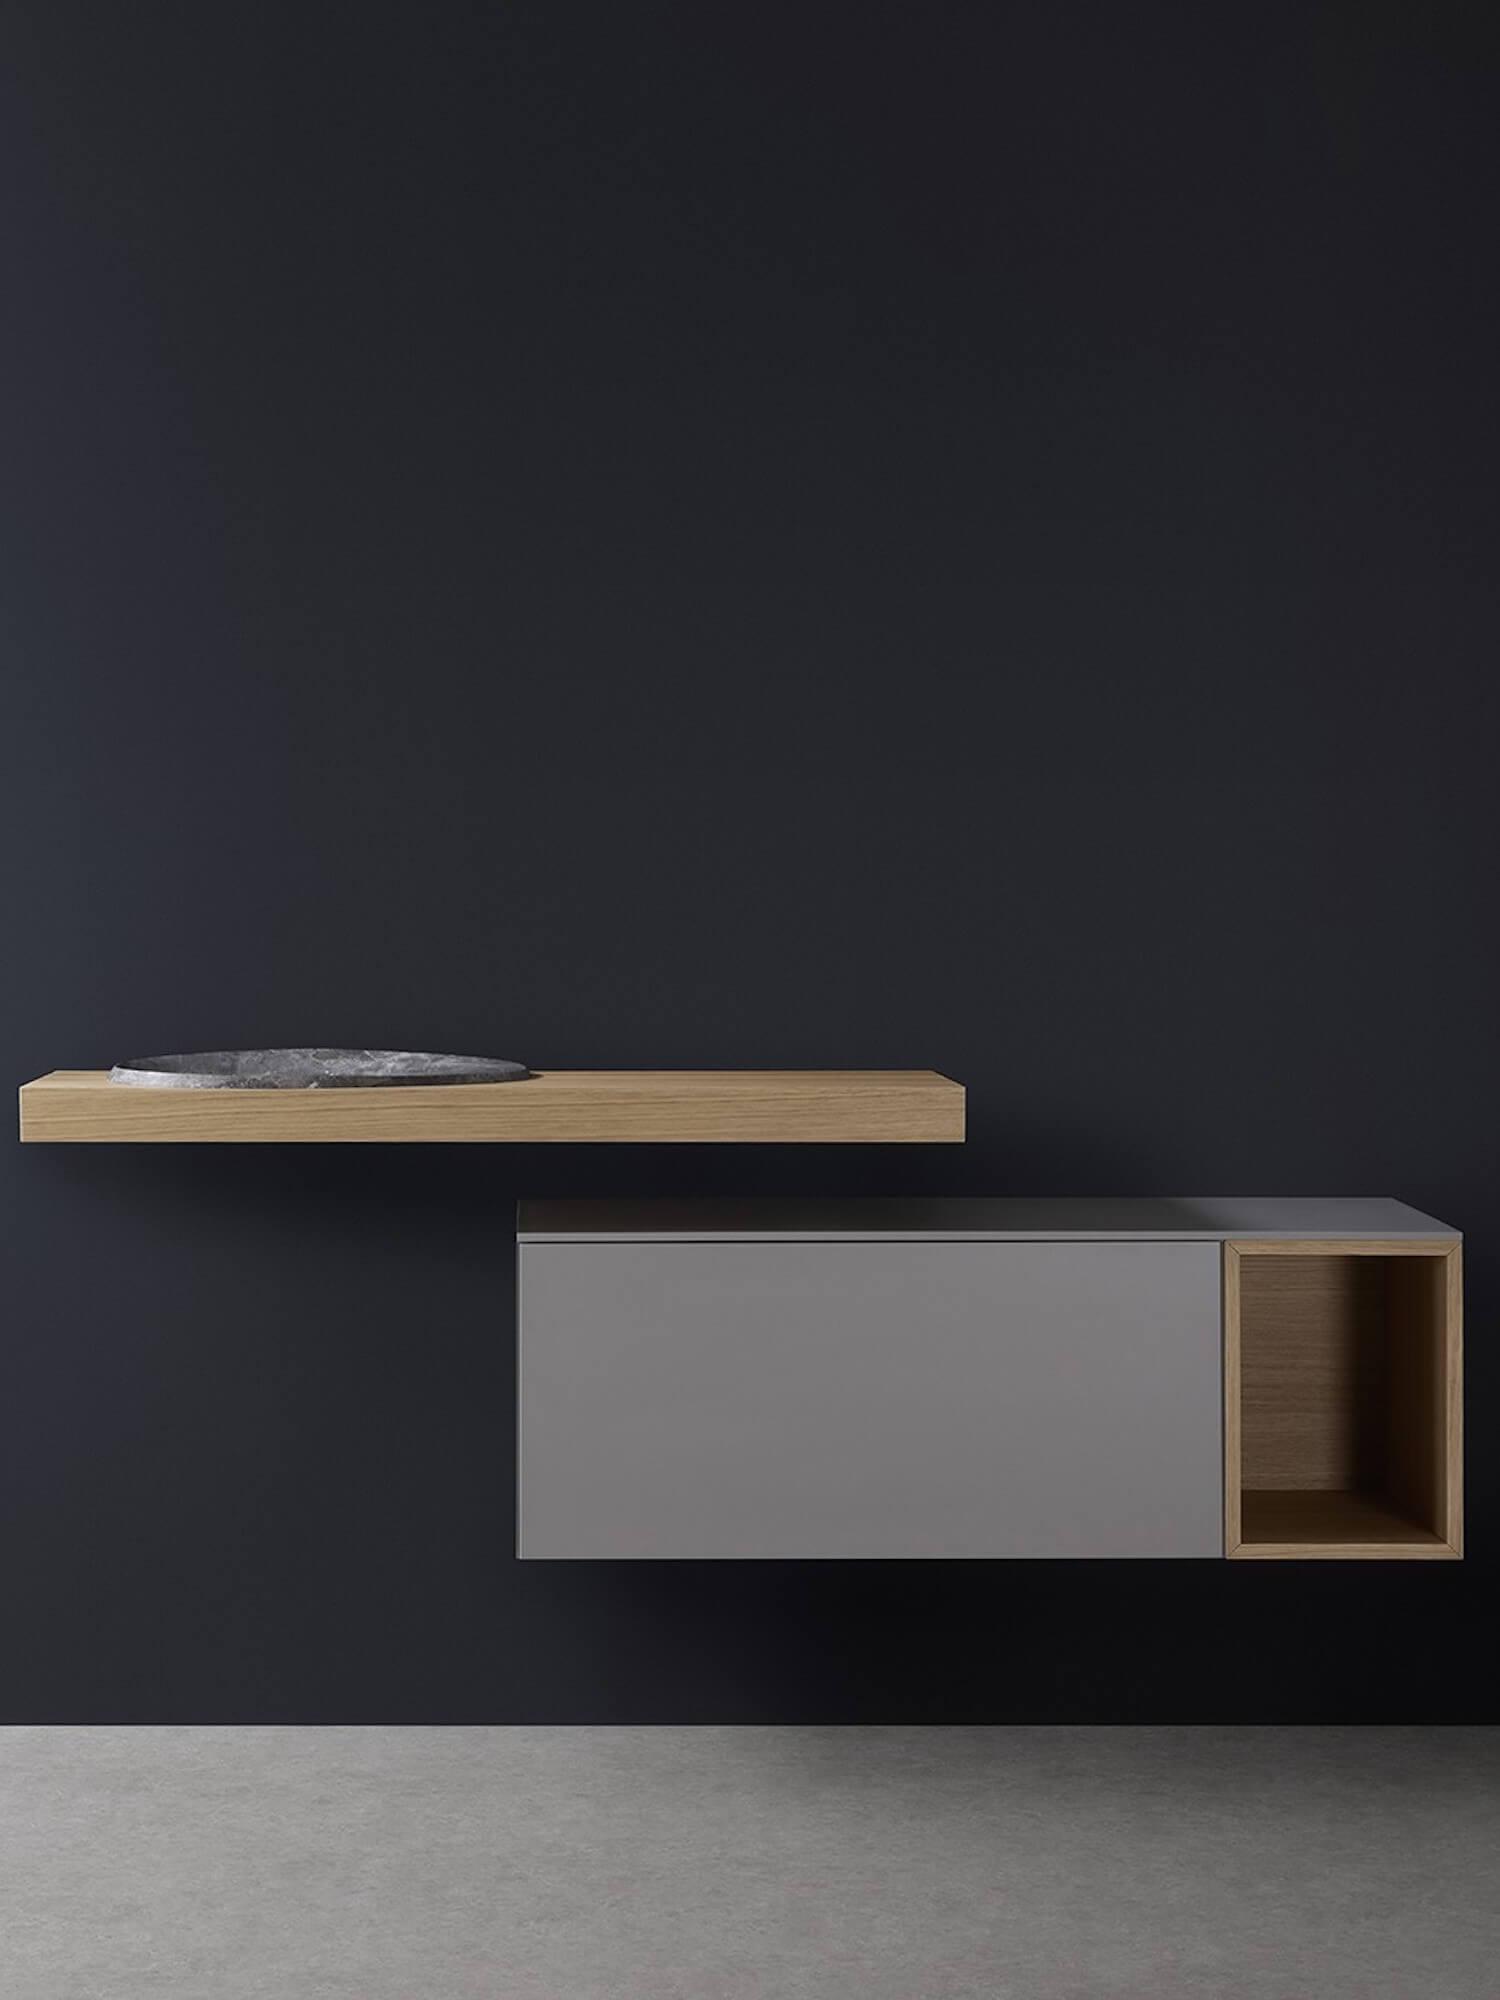 est living caldera furniture by rogerseller bathroom furniture oak floating benchtop with oval grey basin 1